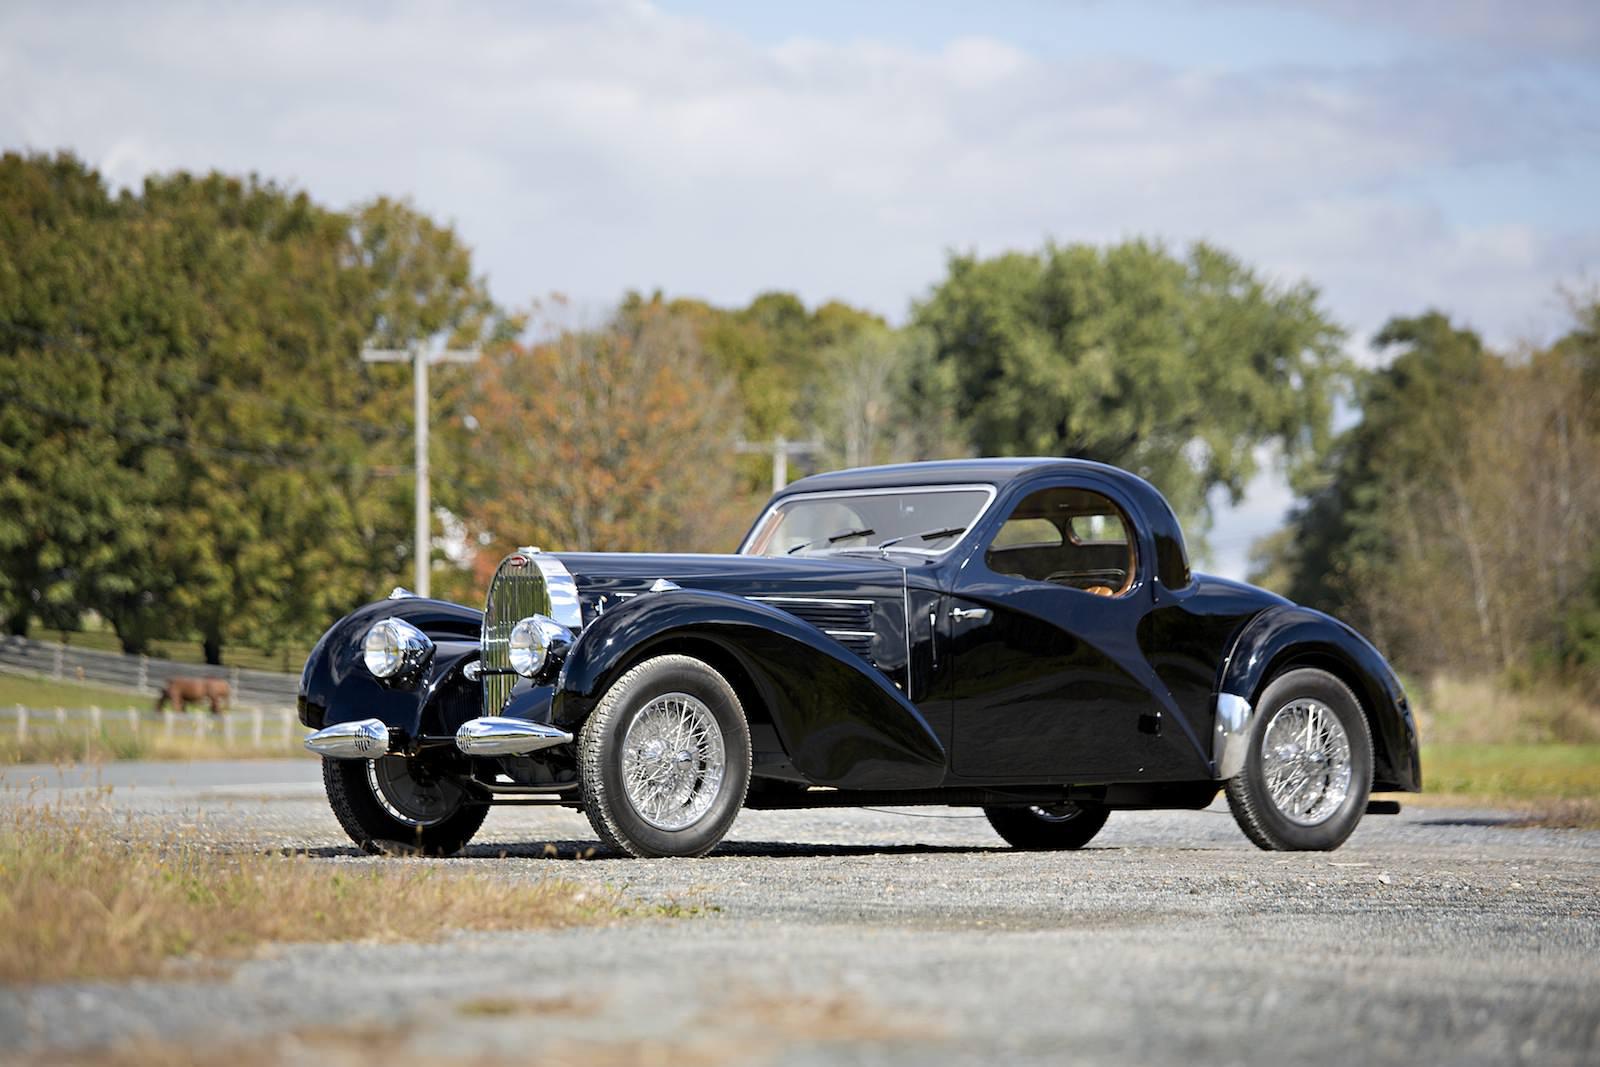 Bugatti 57C Atalante 2 1938 Bugatti 57C Atalante